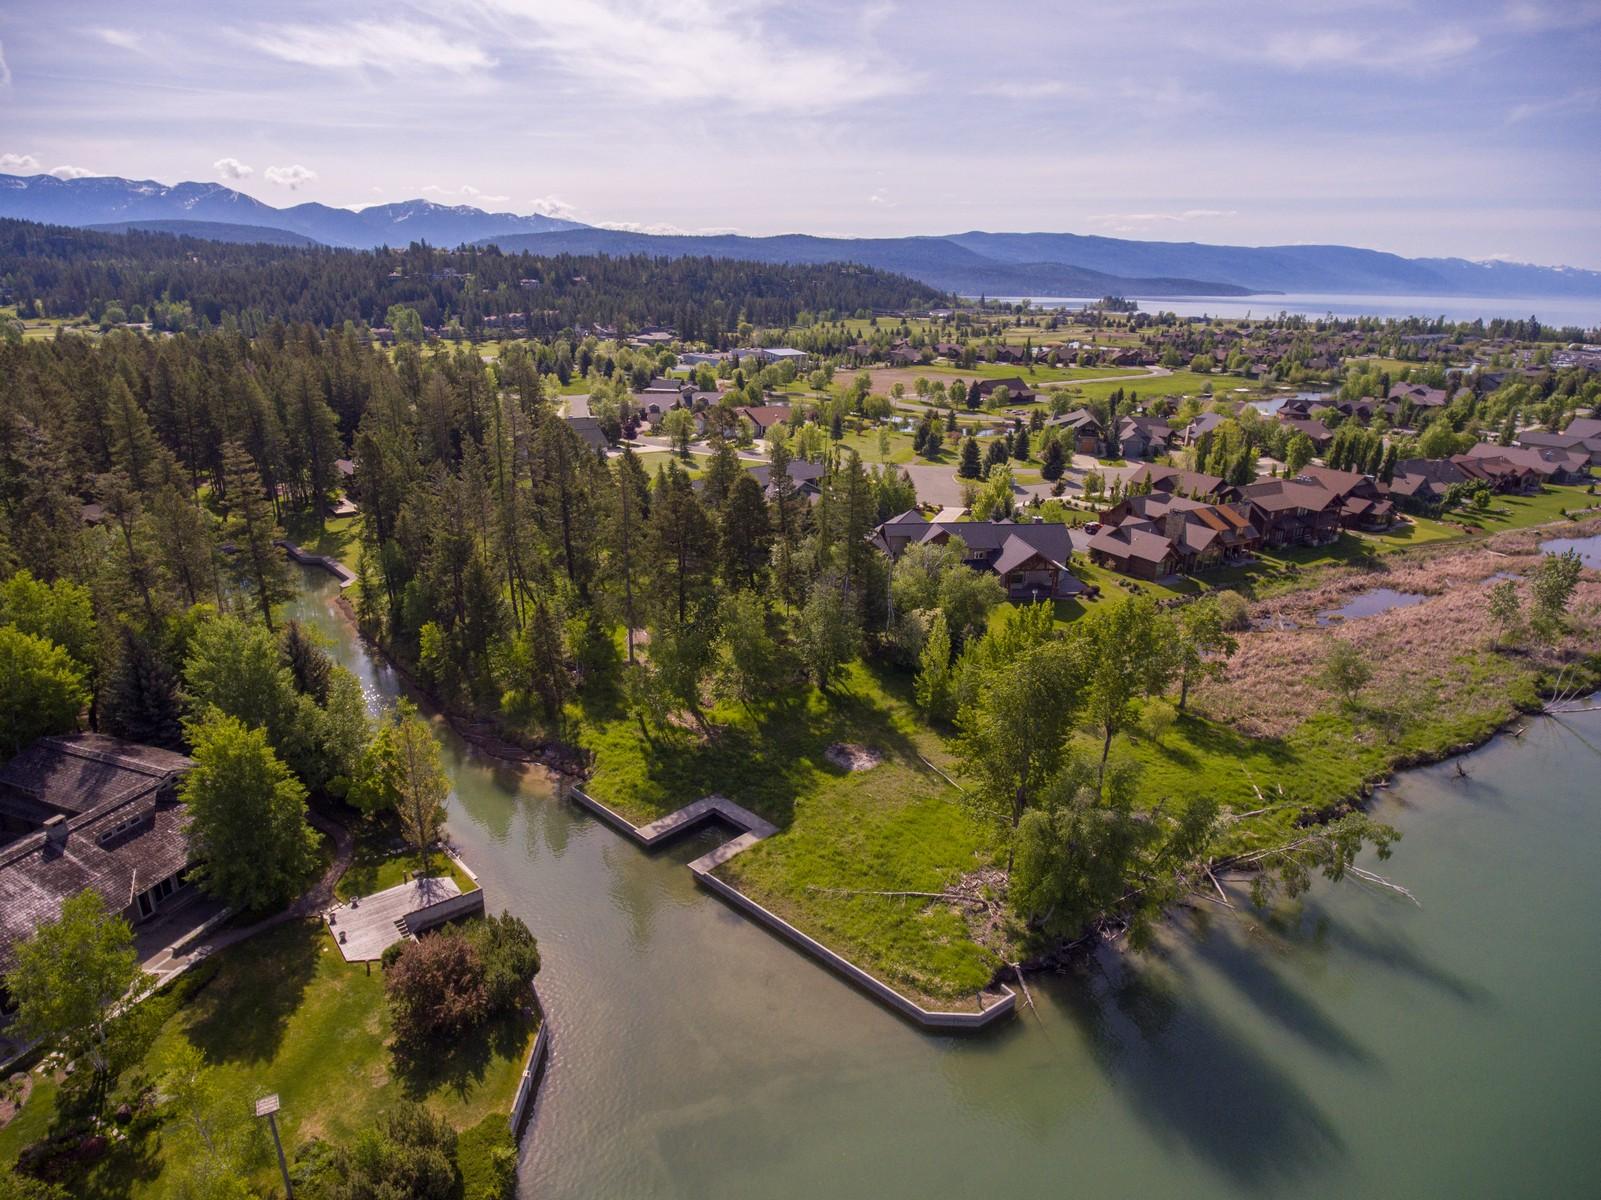 Đất đai vì Bán tại Mayport Harbor 140 Siderius Ln Bigfork, Montana, 59911 Hoa Kỳ